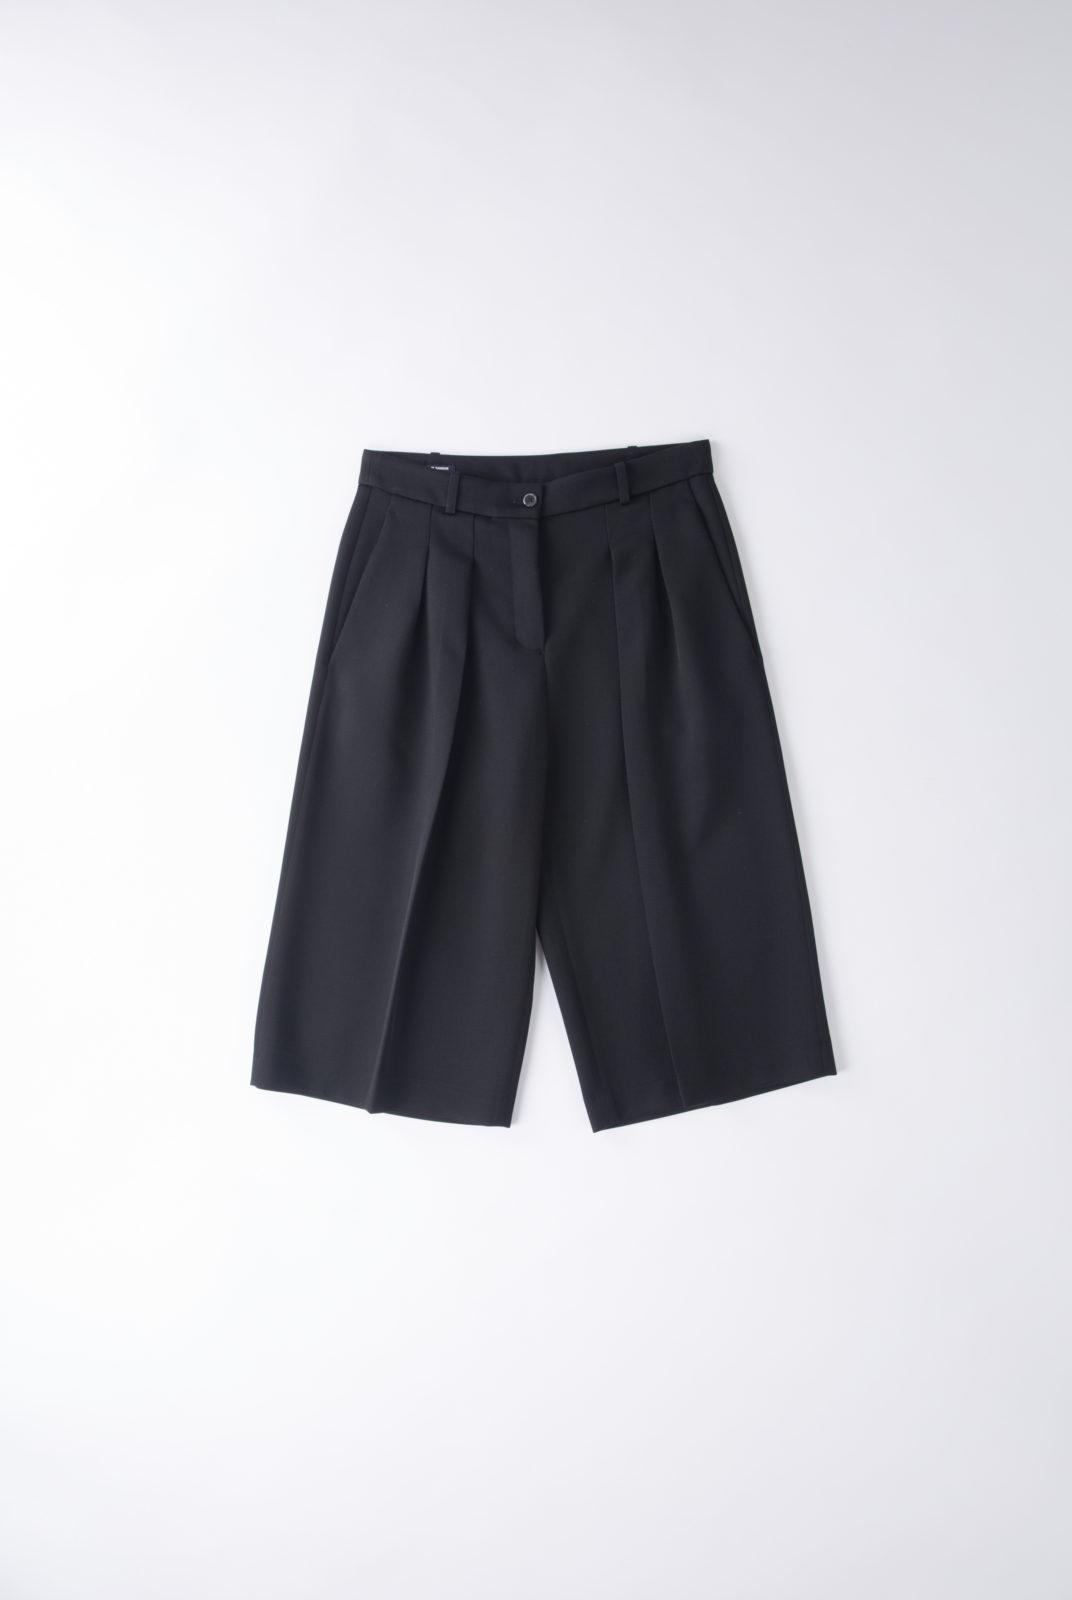 pantacourt noir à pinces, en laine vierge, jil sander navy